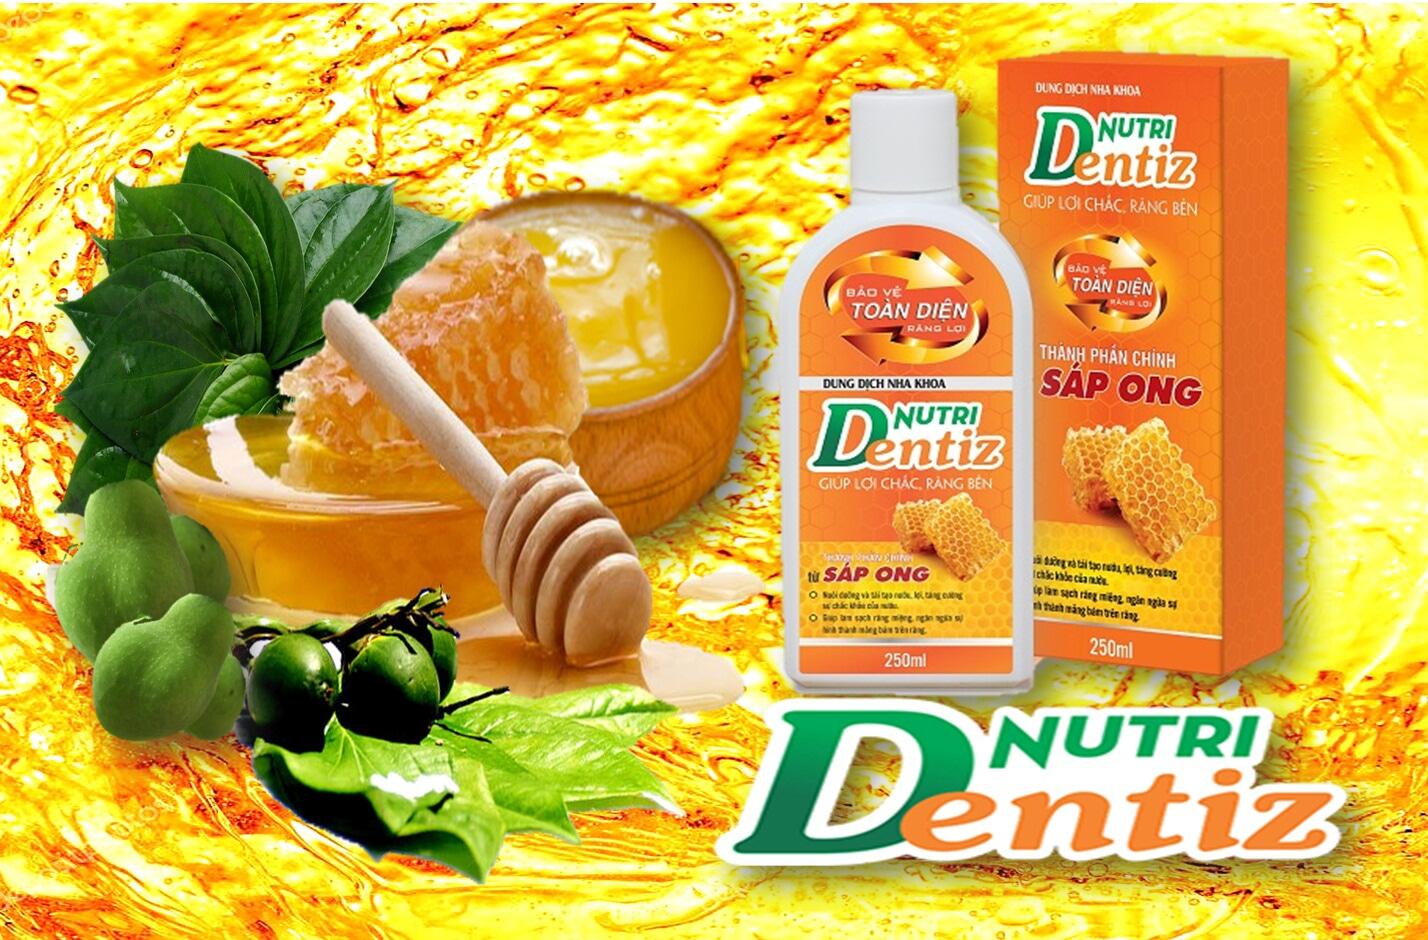 Nutridentiz – Giải pháp số 1 cho răng lợi luôn chắc khỏe